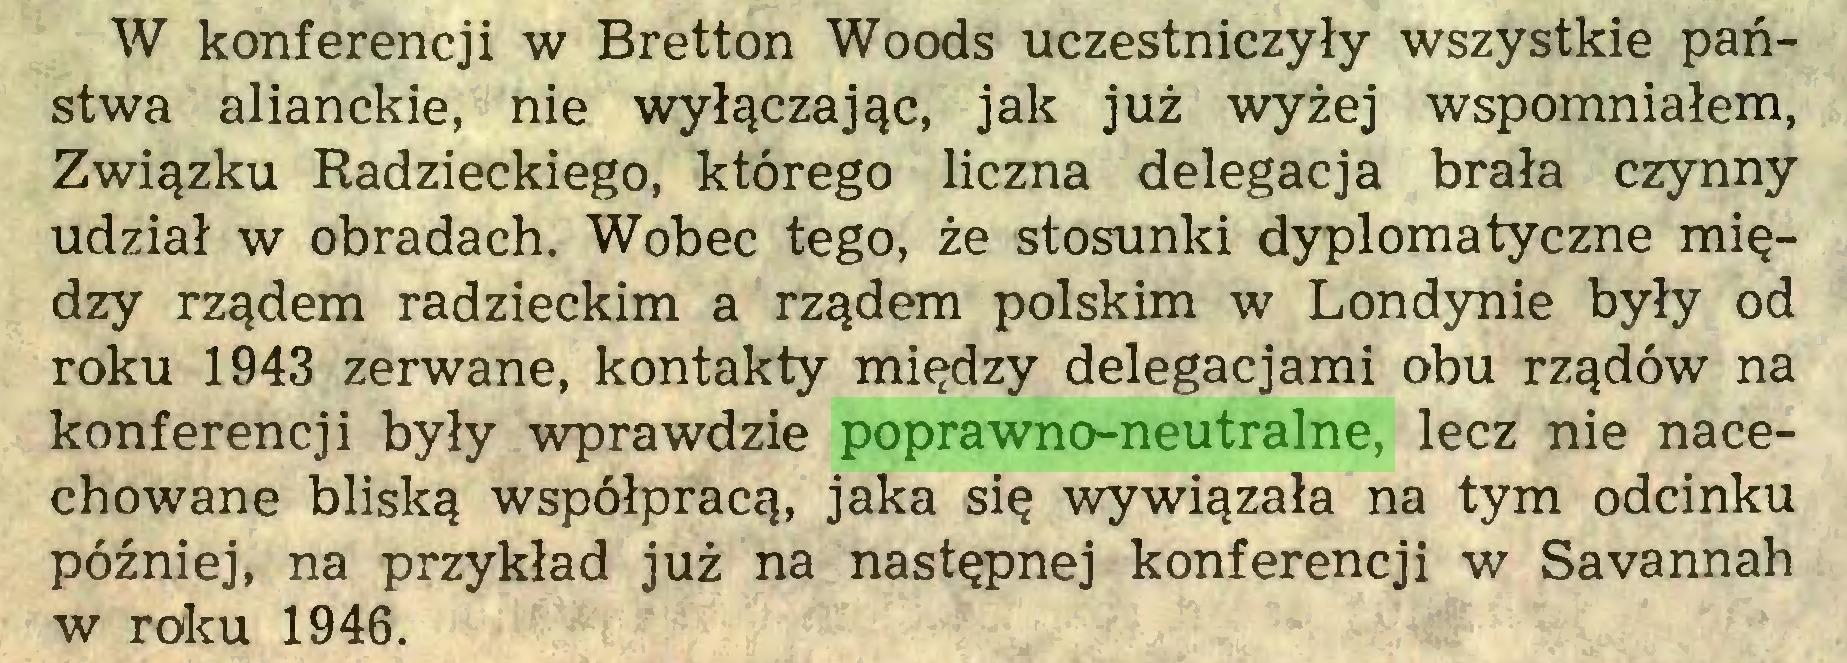 (...) W konferencji w Bretton Woods uczestniczyły wszystkie państwa alianckie, nie wyłączając, jak już wyżej wspomniałem, Związku Radzieckiego, którego liczna delegacja brała czynny udział w obradach. Wobec tego, że stosunki dyplomatyczne między rządem radzieckim a rządem polskim w Londynie były od roku 1943 zerwane, kontakty między delegacjami obu rządów na konferencji były wprawdzie poprawno-neutralne, lecz nie nacechowane bliską współpracą, jaka się wywiązała na tym odcinku później, na przykład już na następnej konferencji w Savannah w roku 1946...